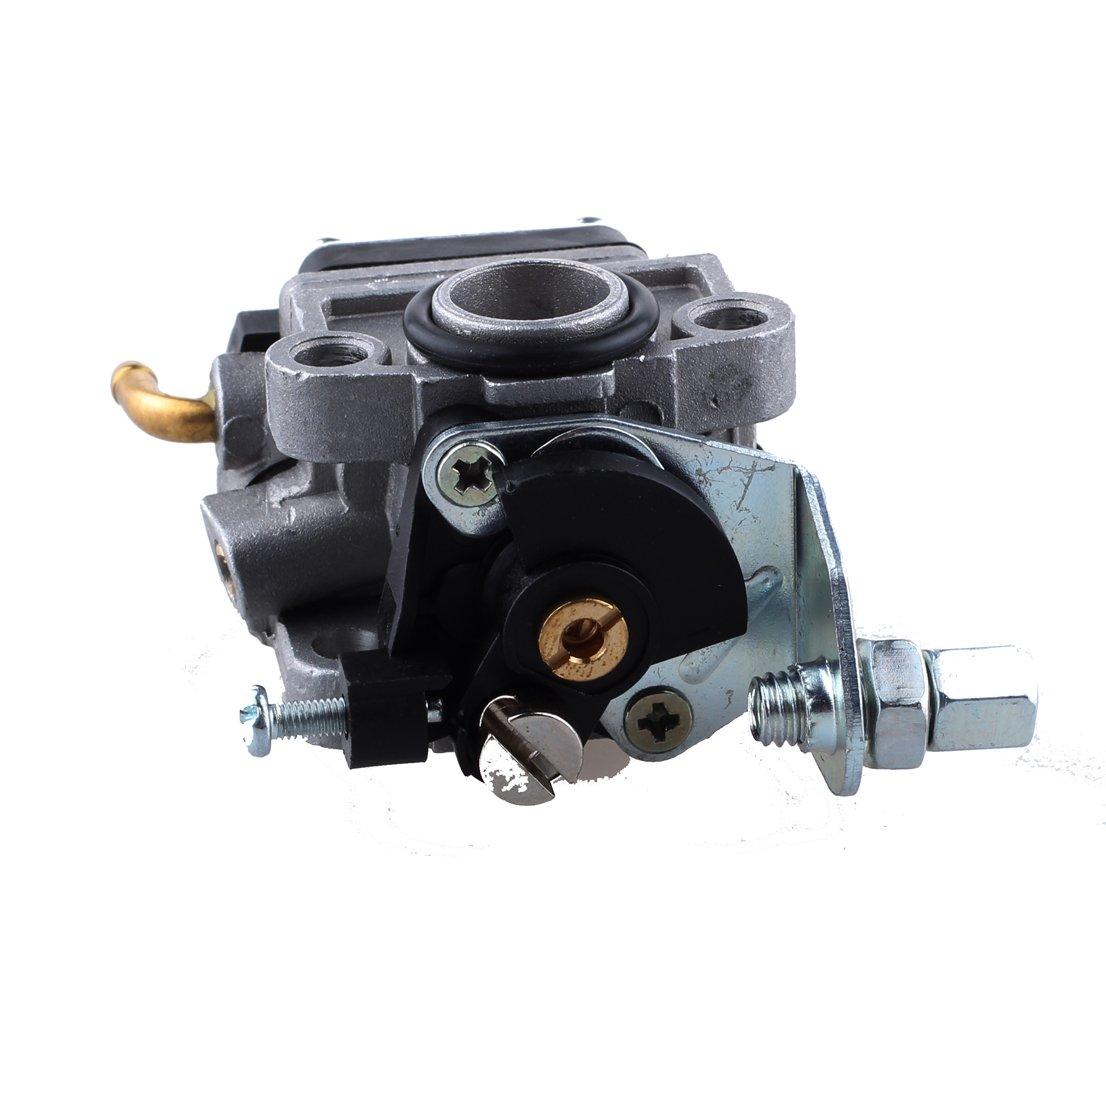 Hipa - Carburador para motor Honda GX22, GX31, para ...